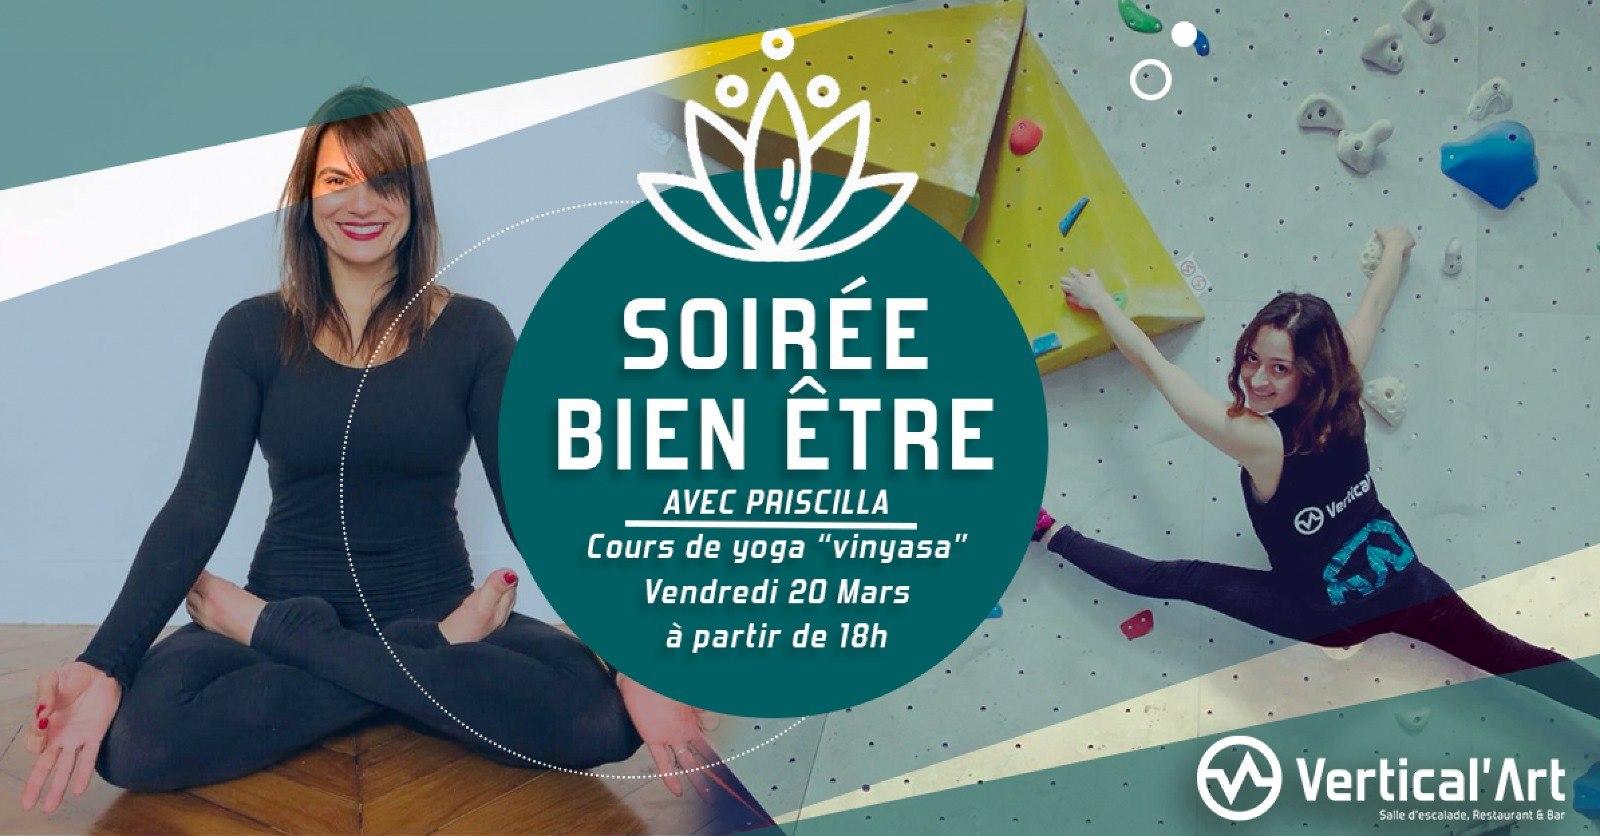 Soirée Bien-Etre Vertical'Art Rungis - Vertical'Art Rungis - Salle d'escalade Val de Marne -Vertical'Art Yoga -